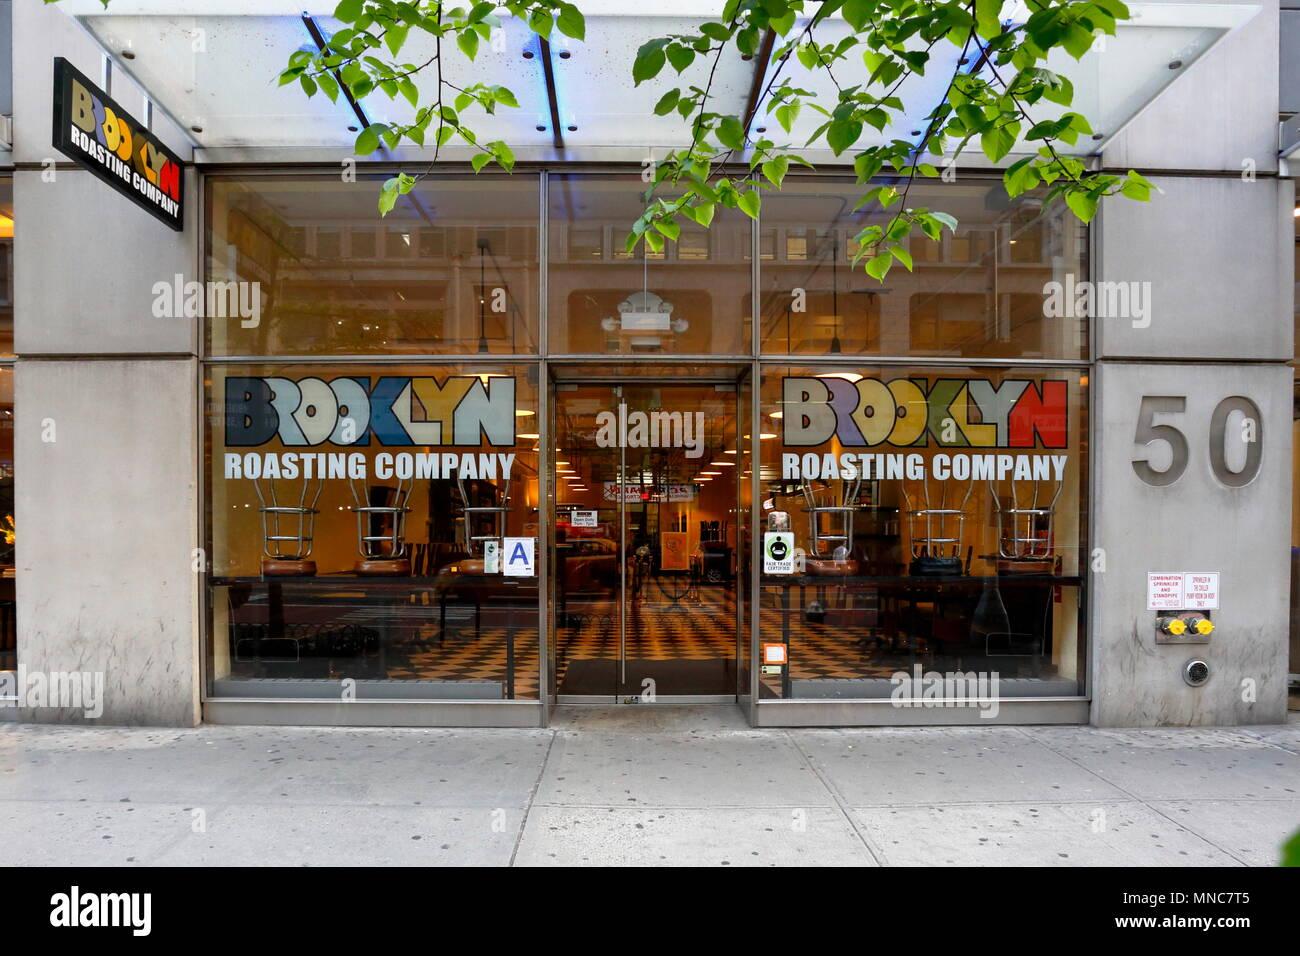 Brooklyn Roasting Company, 50 W 23rd St, New York, NY. - Stock Image